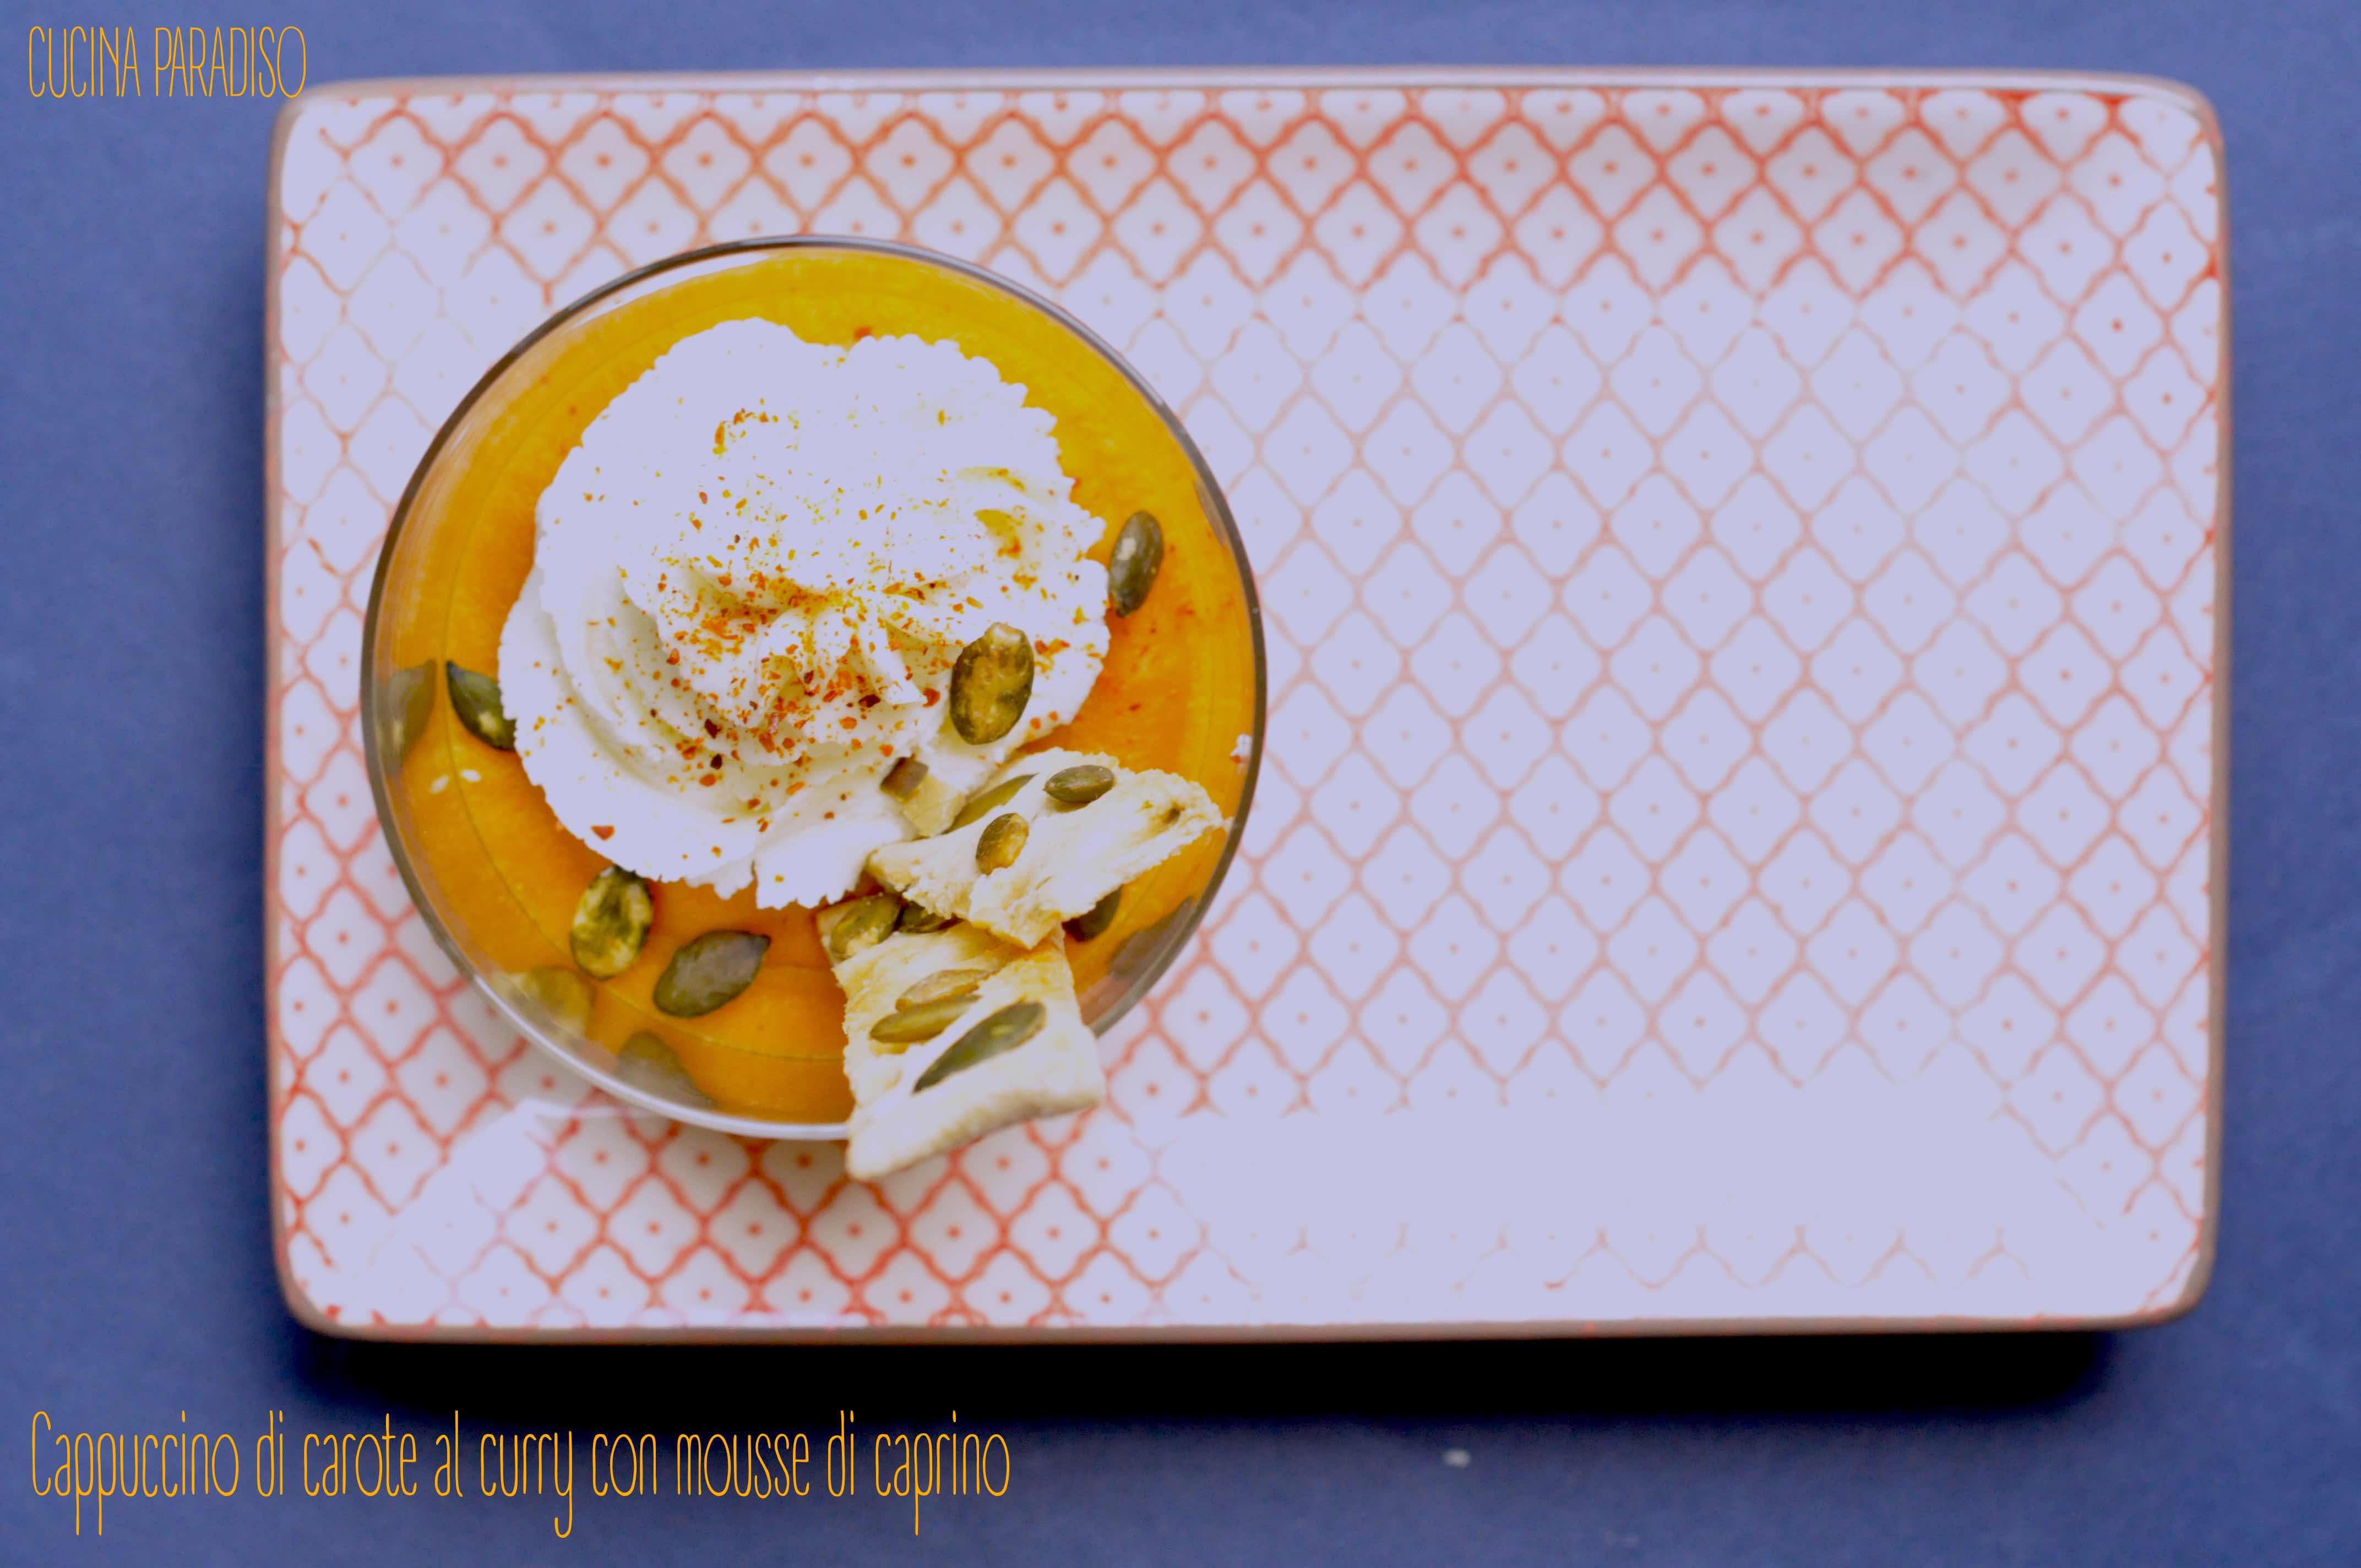 cappuccino-di-carote-al-curry-con-mousse-di-caprino2